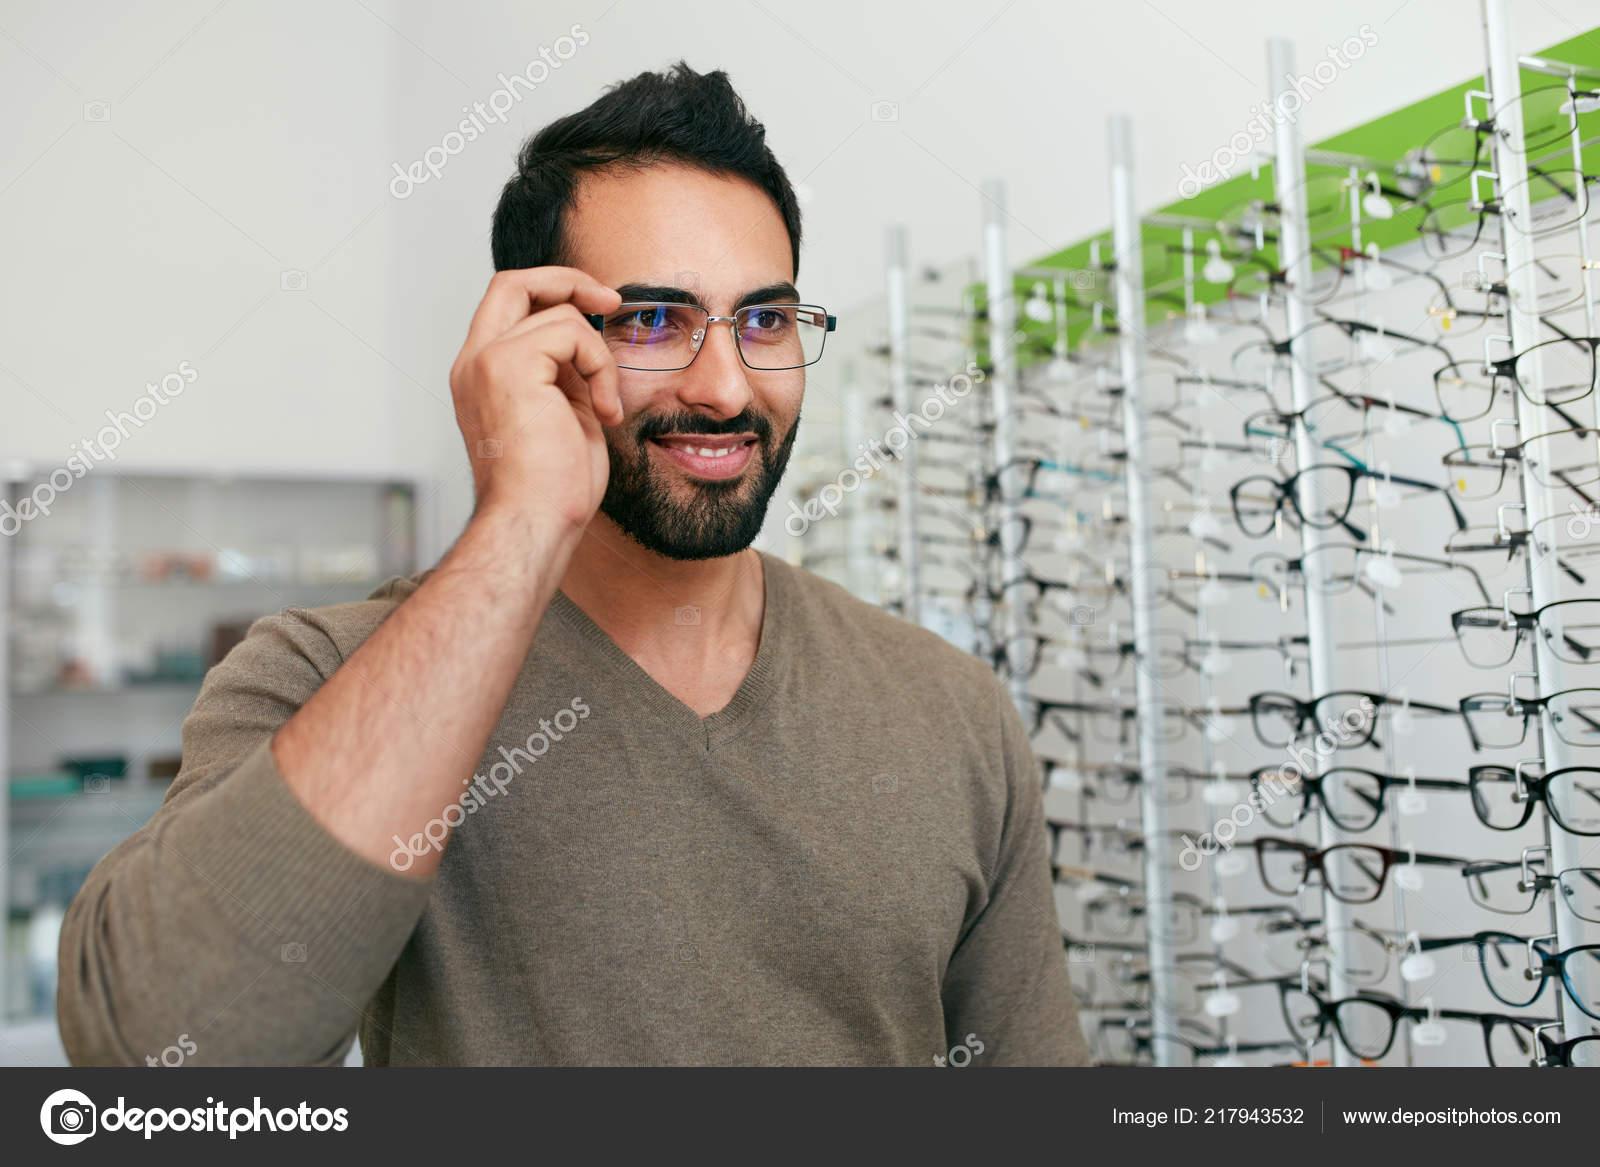 Loja de óculos. Homem experimenta óculos em loja de óptica — Fotografia de  Stock 711d036902